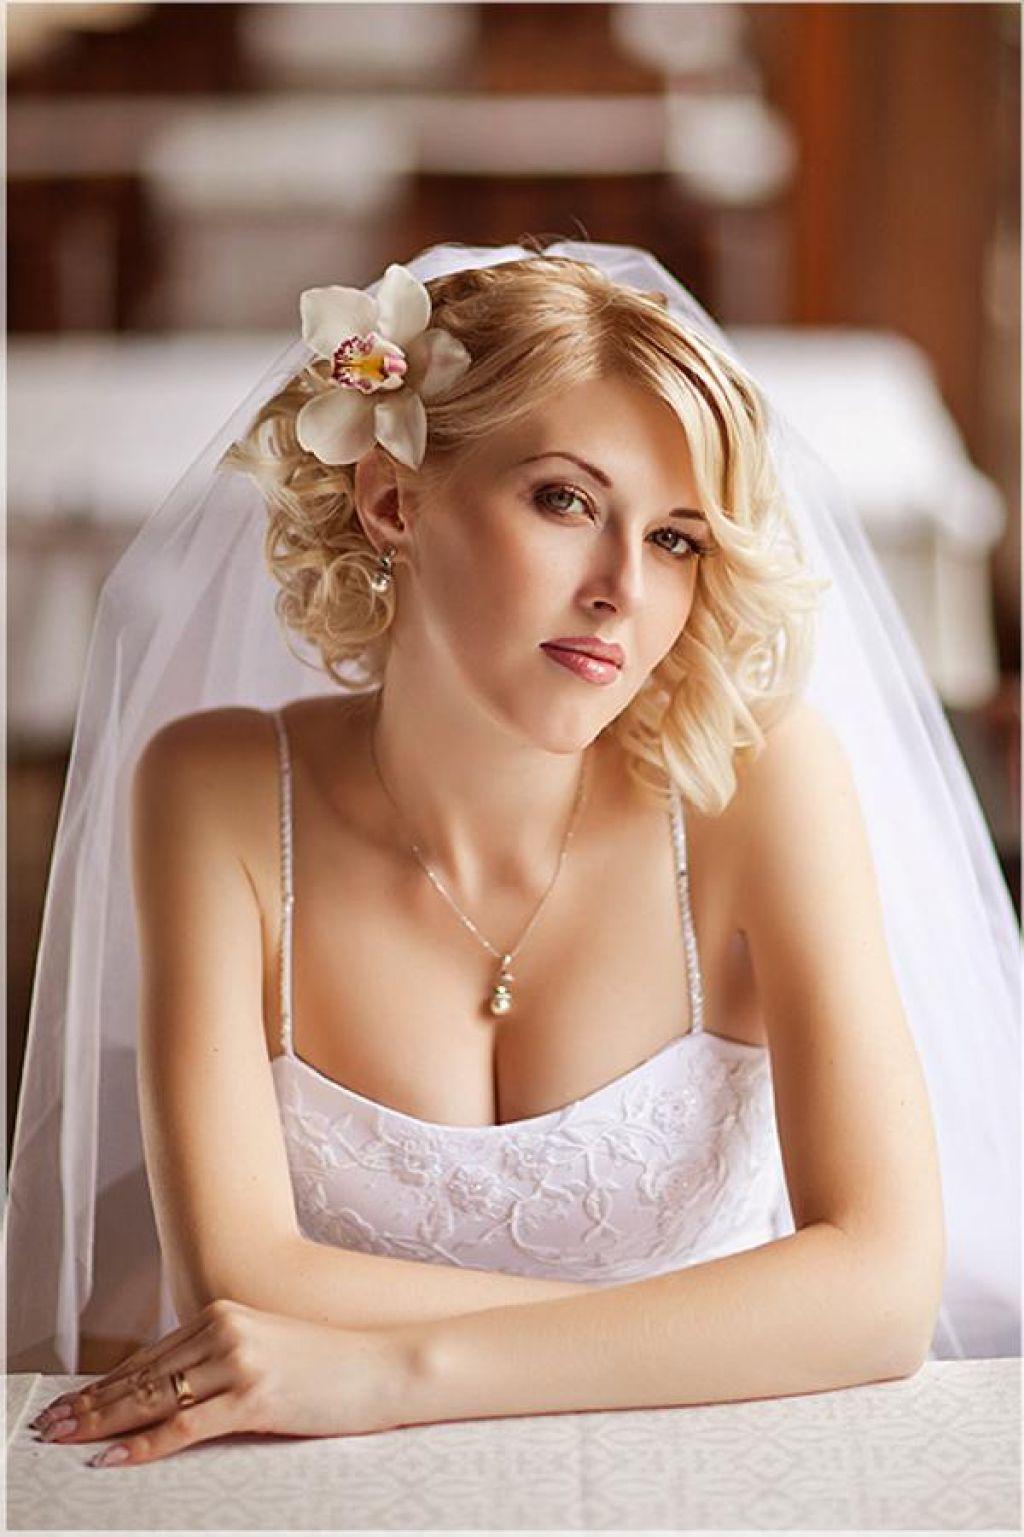 свадебная короткая причёска с фатой и с цветком сбоку в волосах.